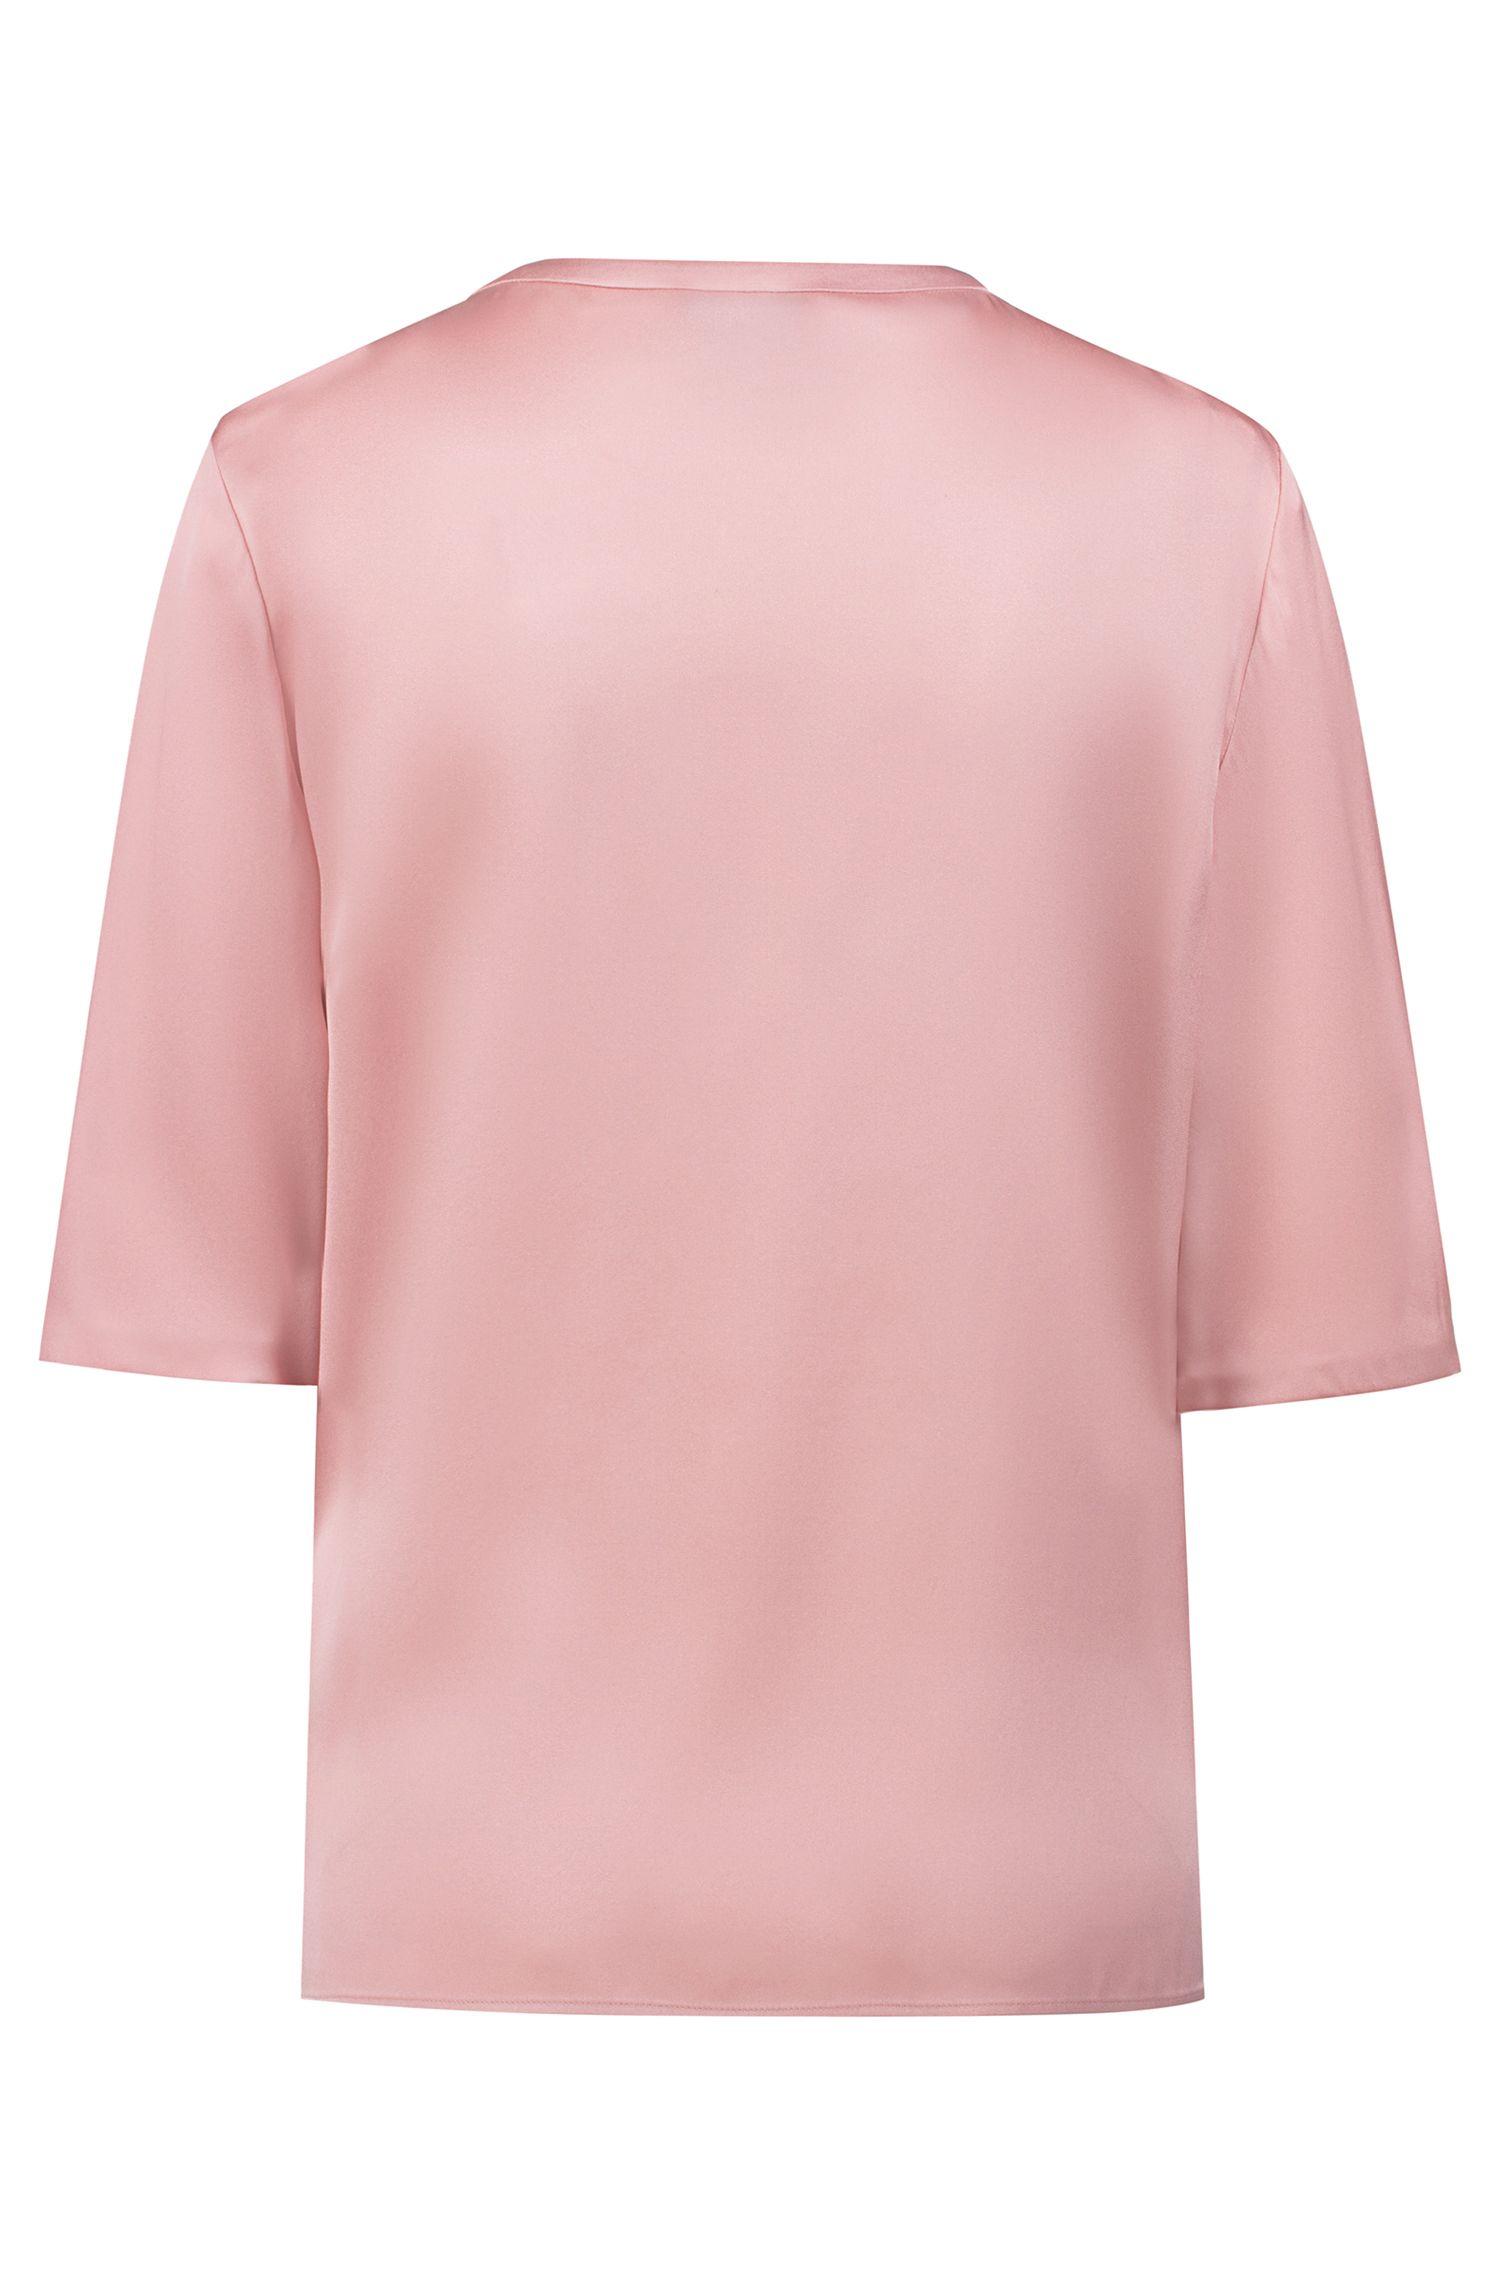 Hugo Boss - Short-sleeved top in stretch silk with statement neckline - 4